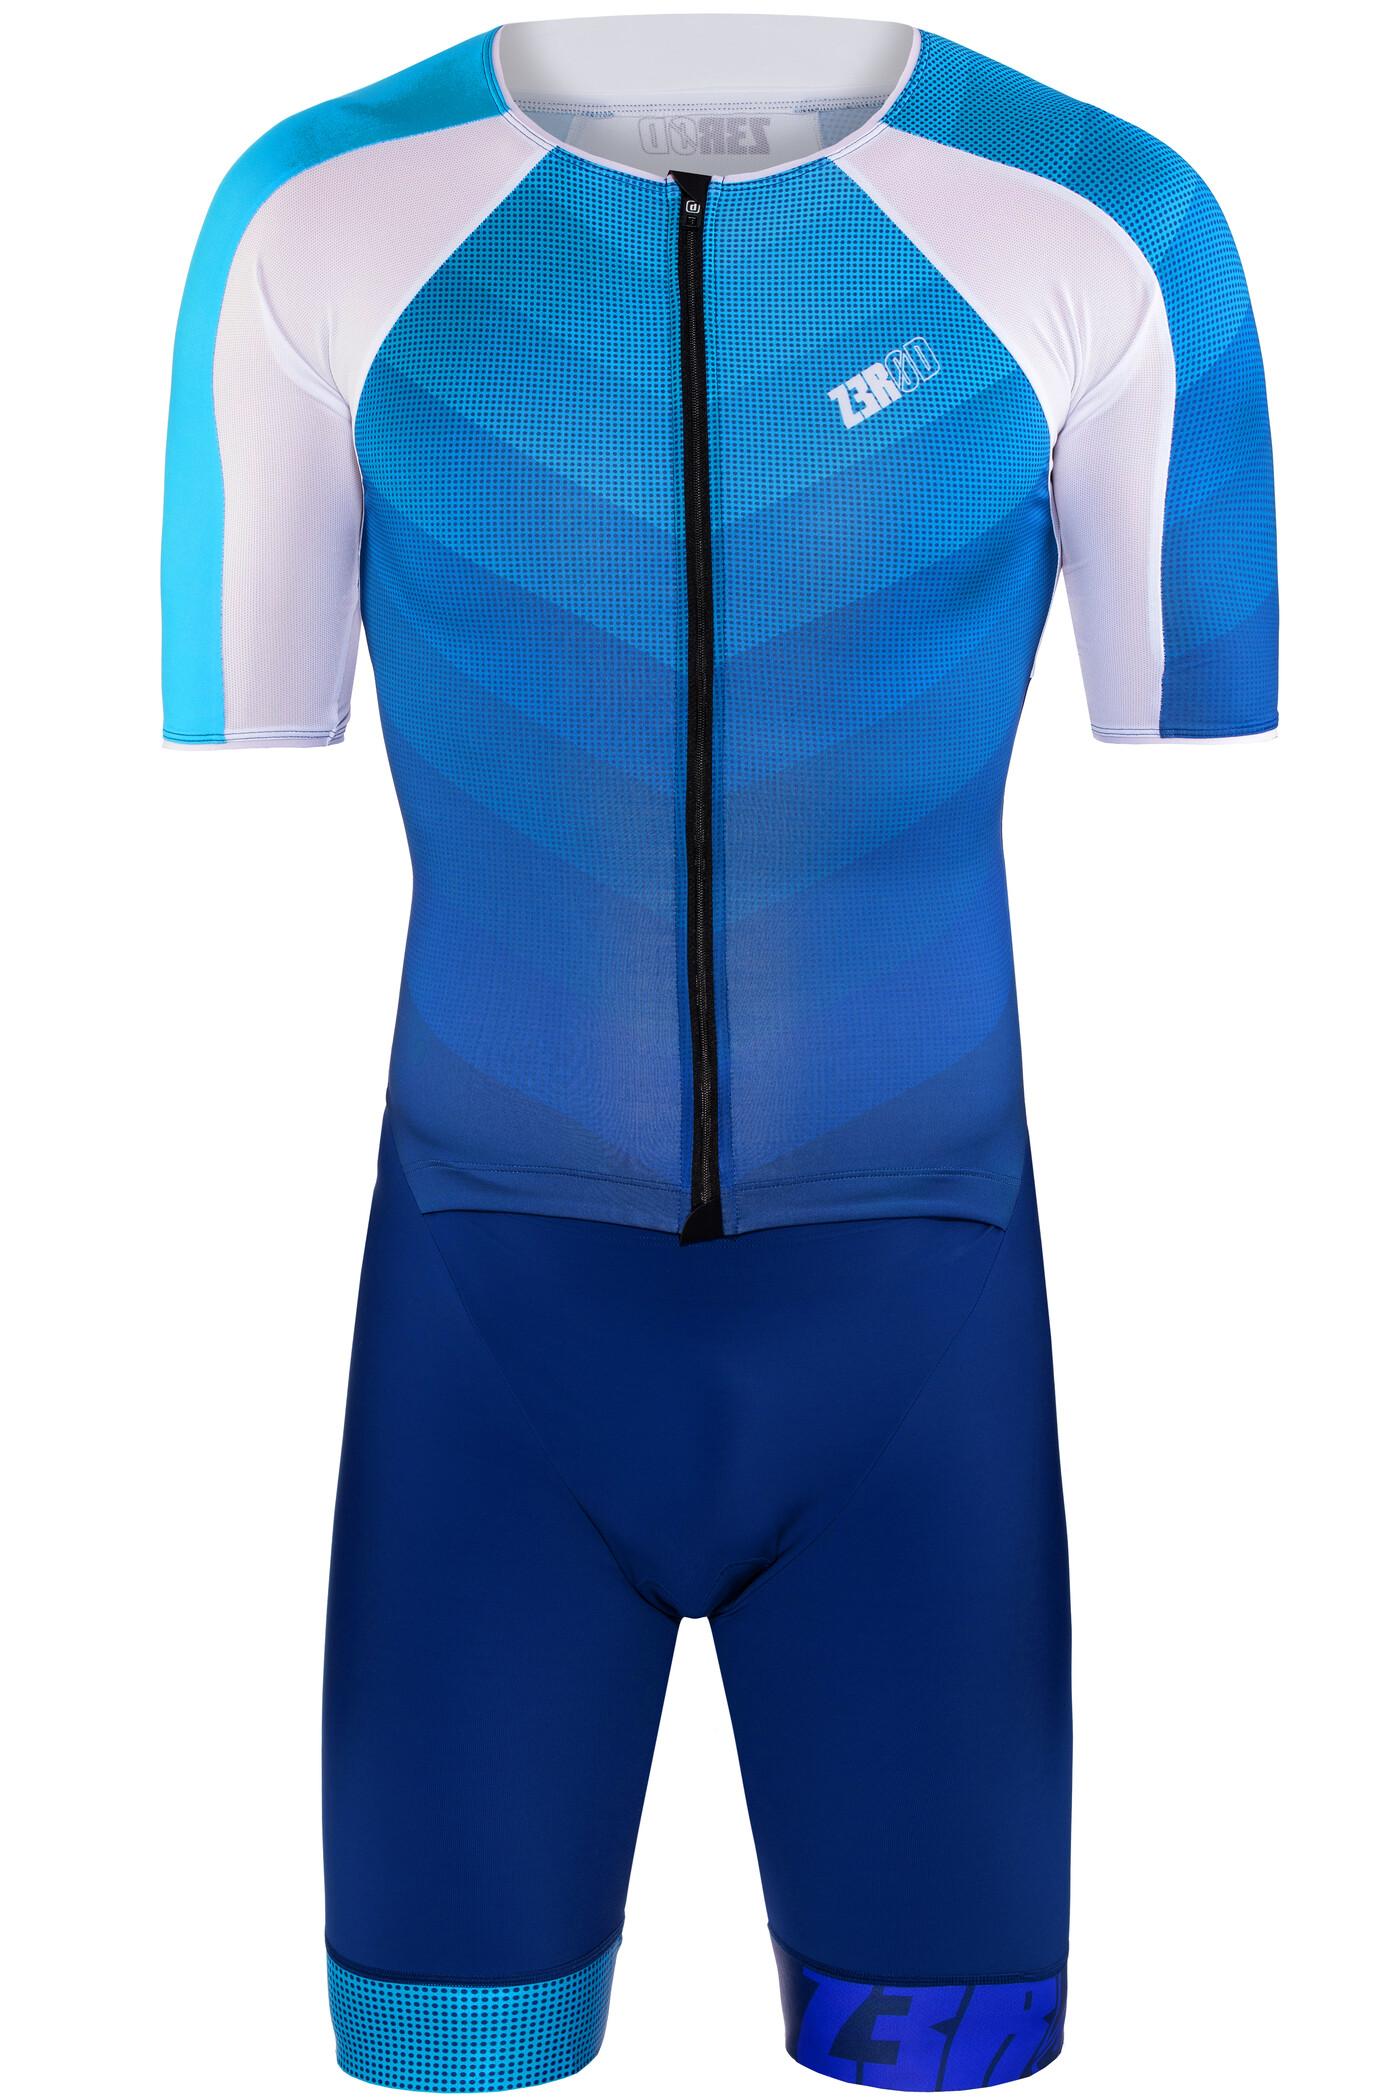 Z3R0D Racer Time Trial Triatlondragt Herrer, dark blue/atoll | Svømmetøj og udstyr